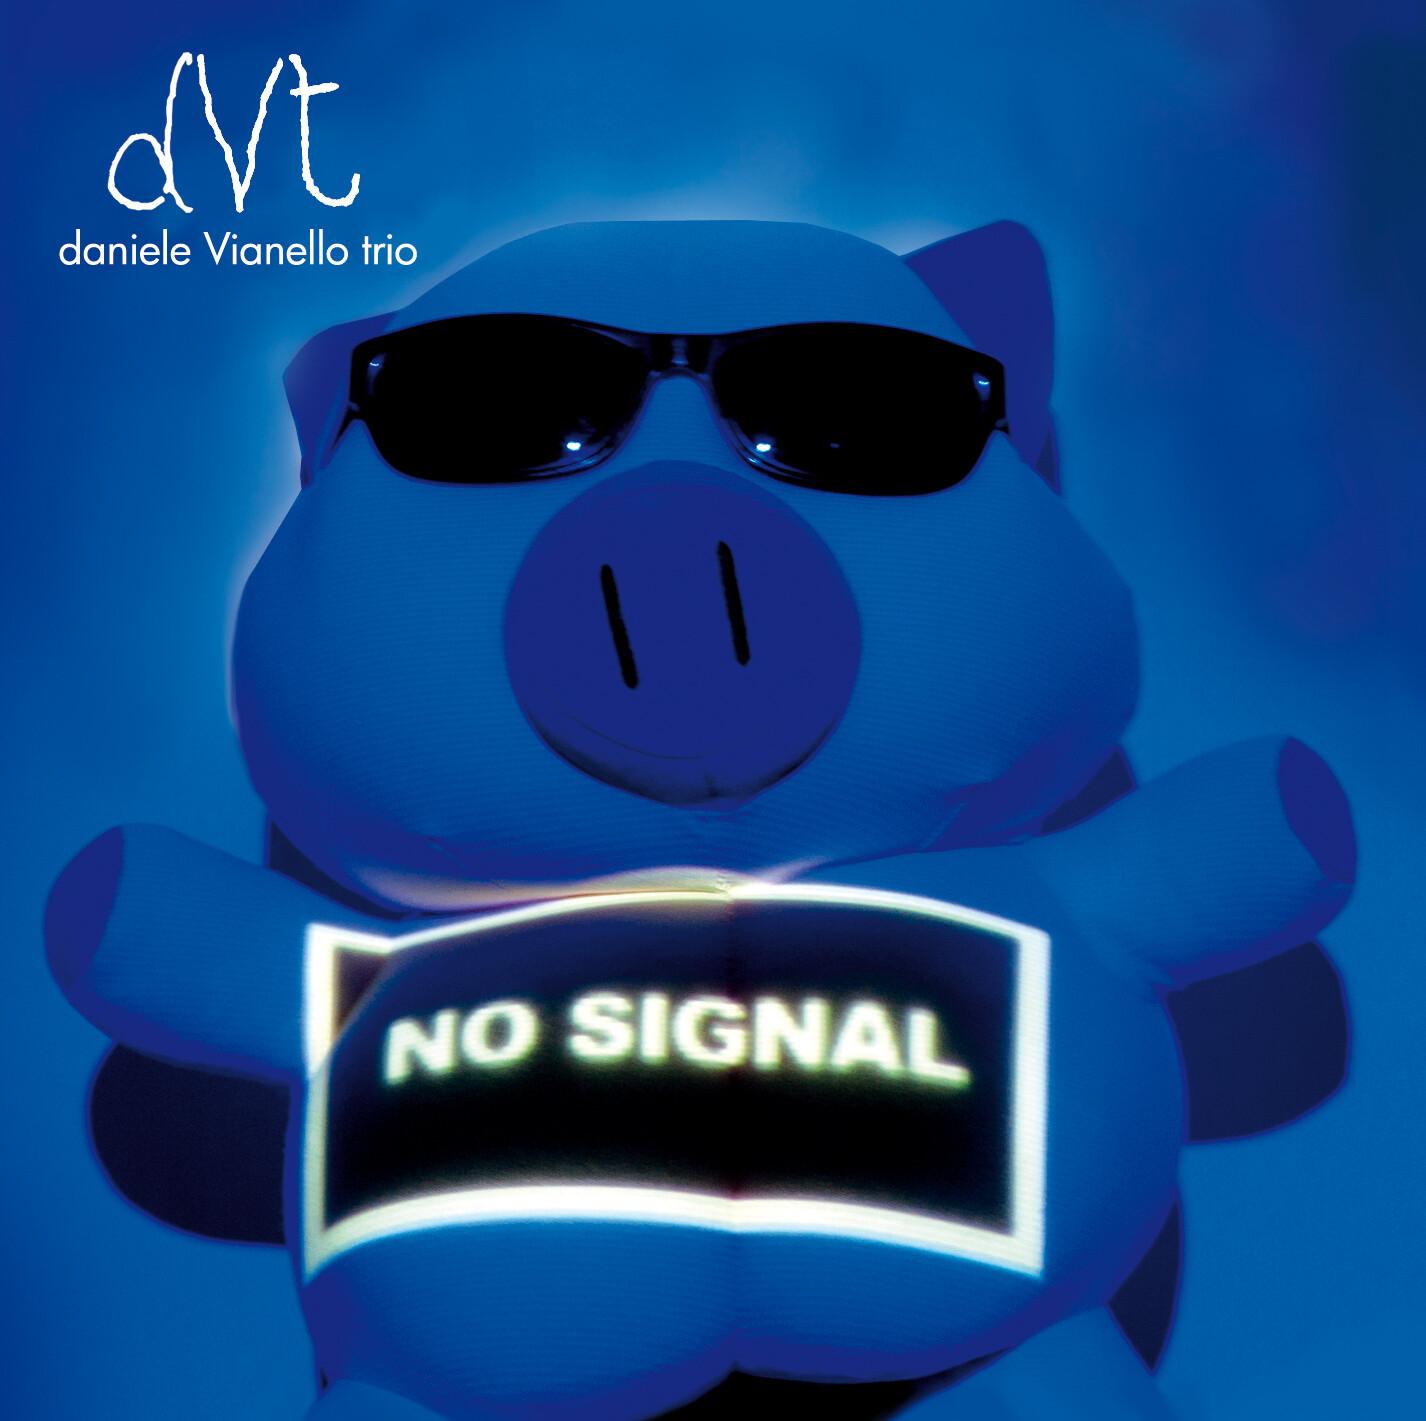 DANIELE VIANELLO TRIO (DVT) «No signal»